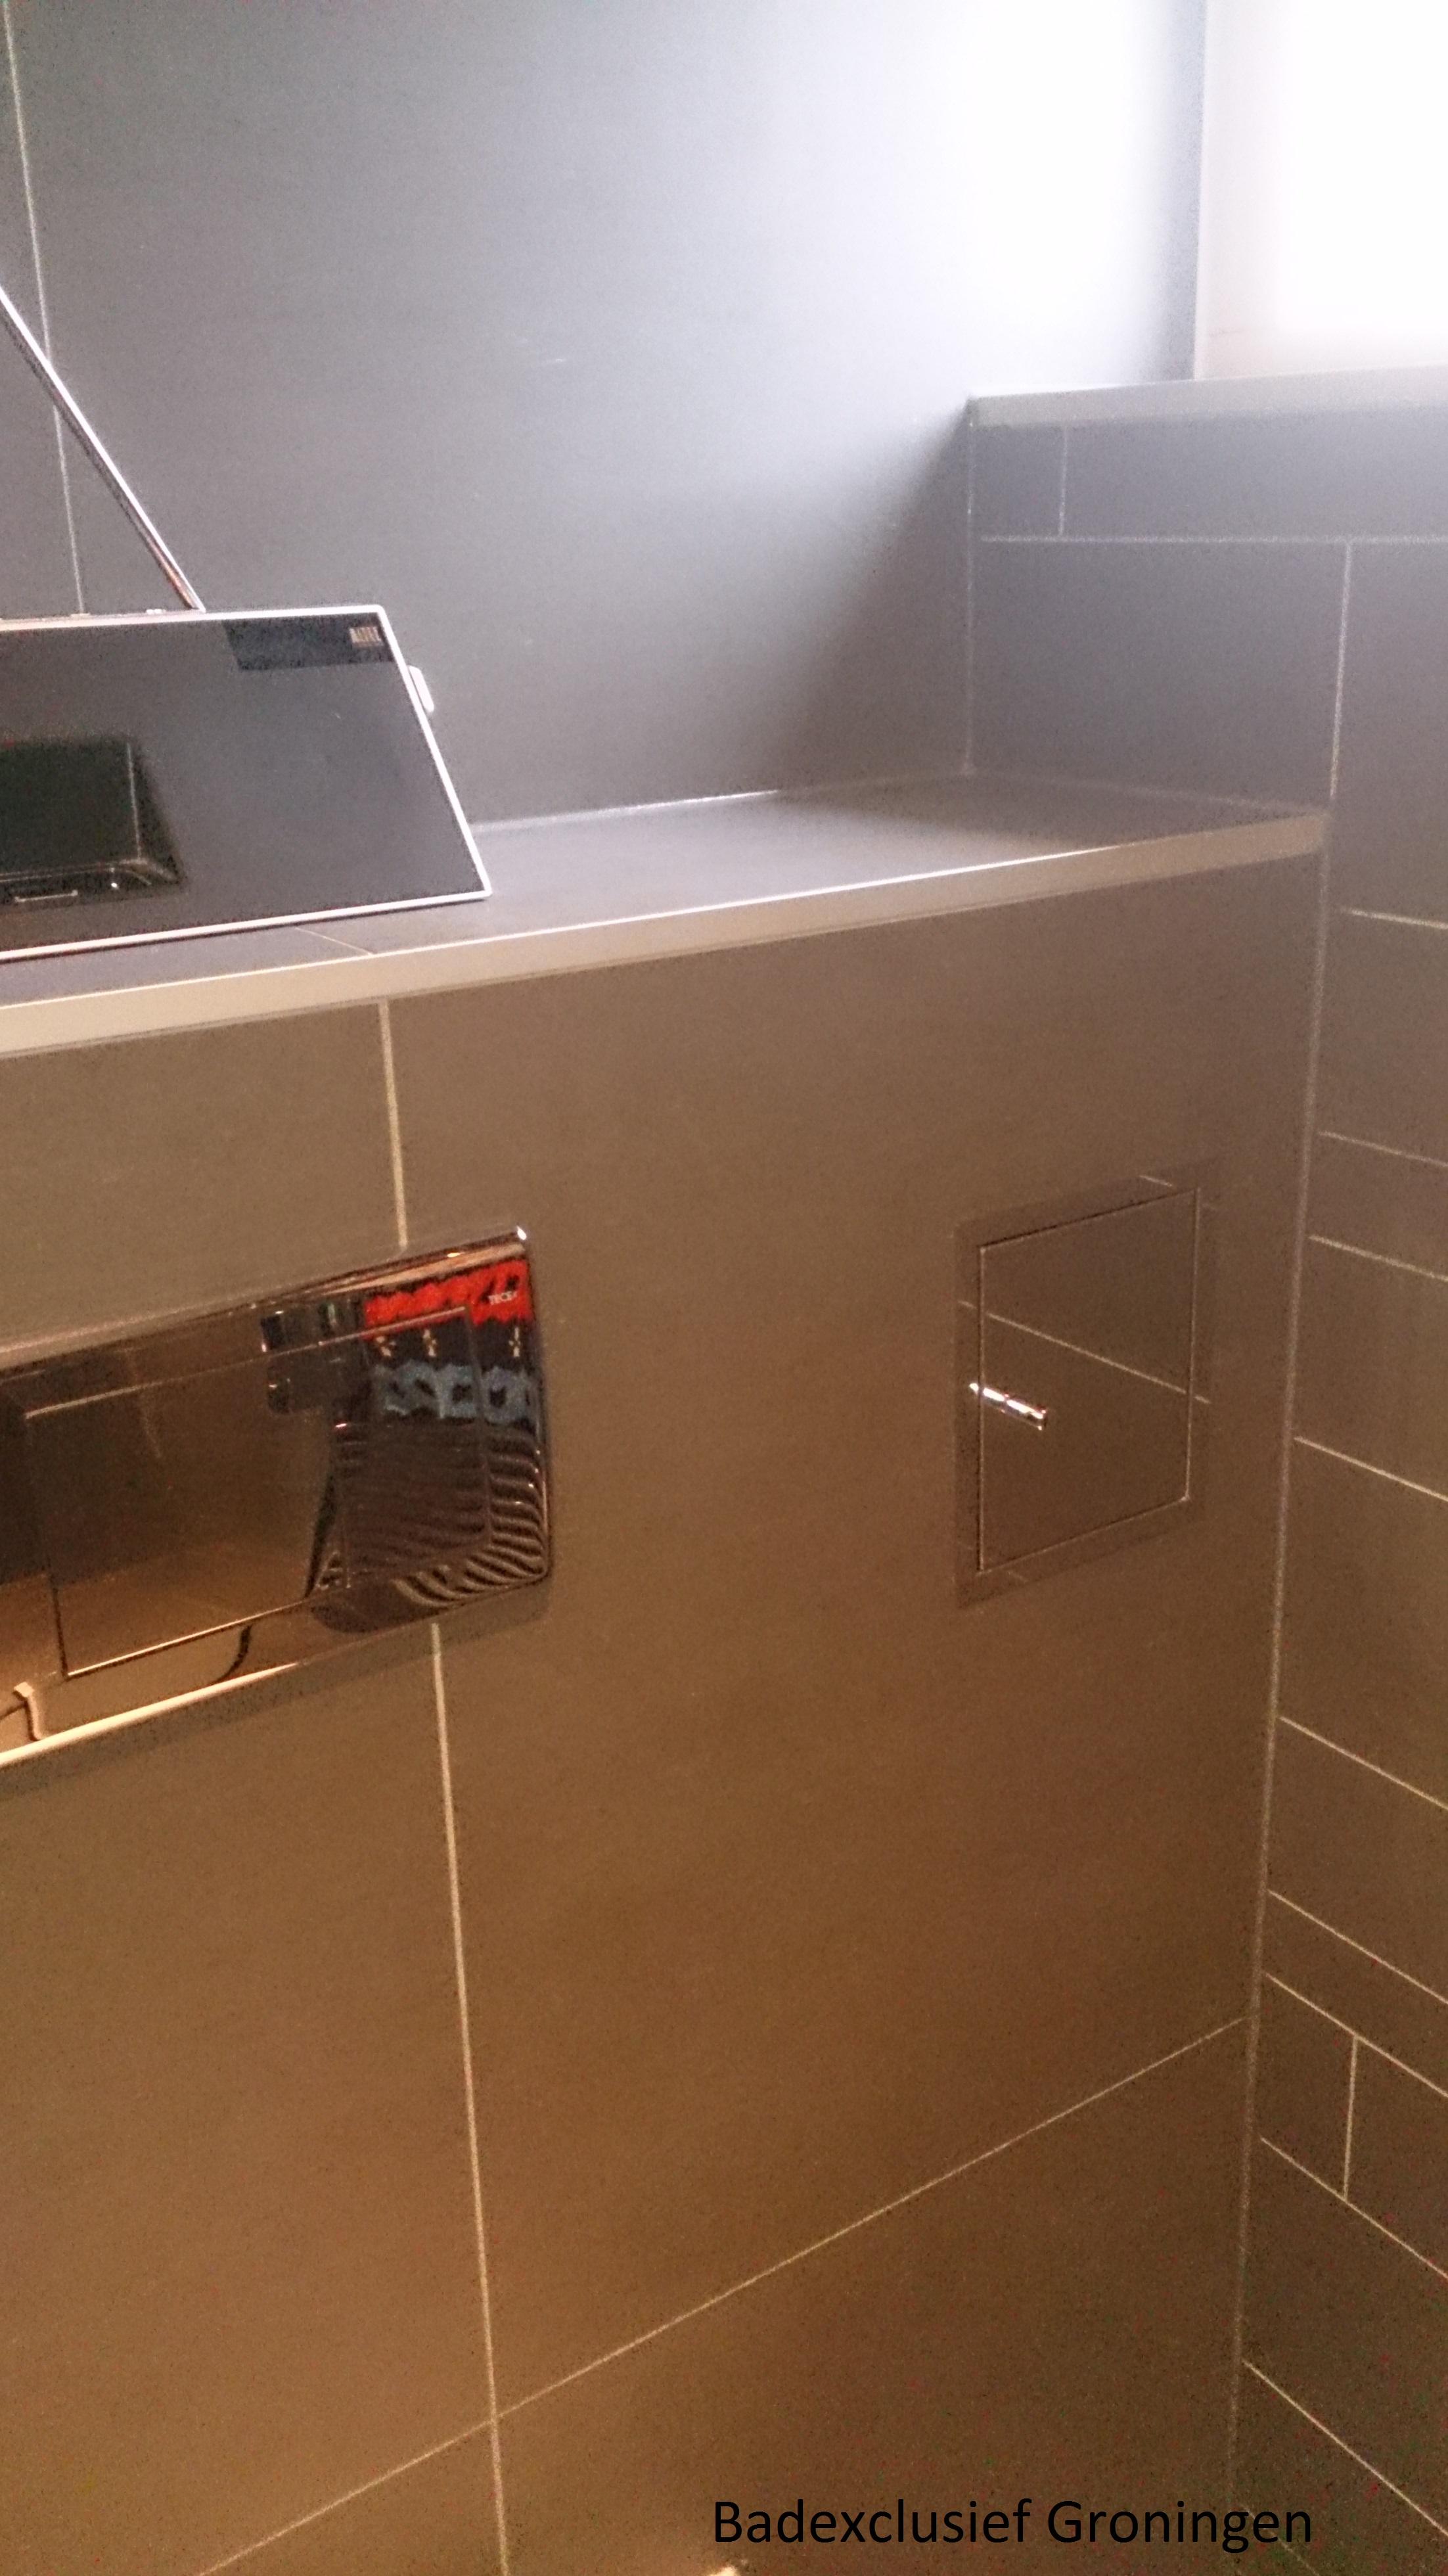 luxe badkamer van badkamerarchitect Badexclusief uit Groningen voor luxe wandclosetten en Tece-inbouwspoelunits en planus revisieplaten in rvs.